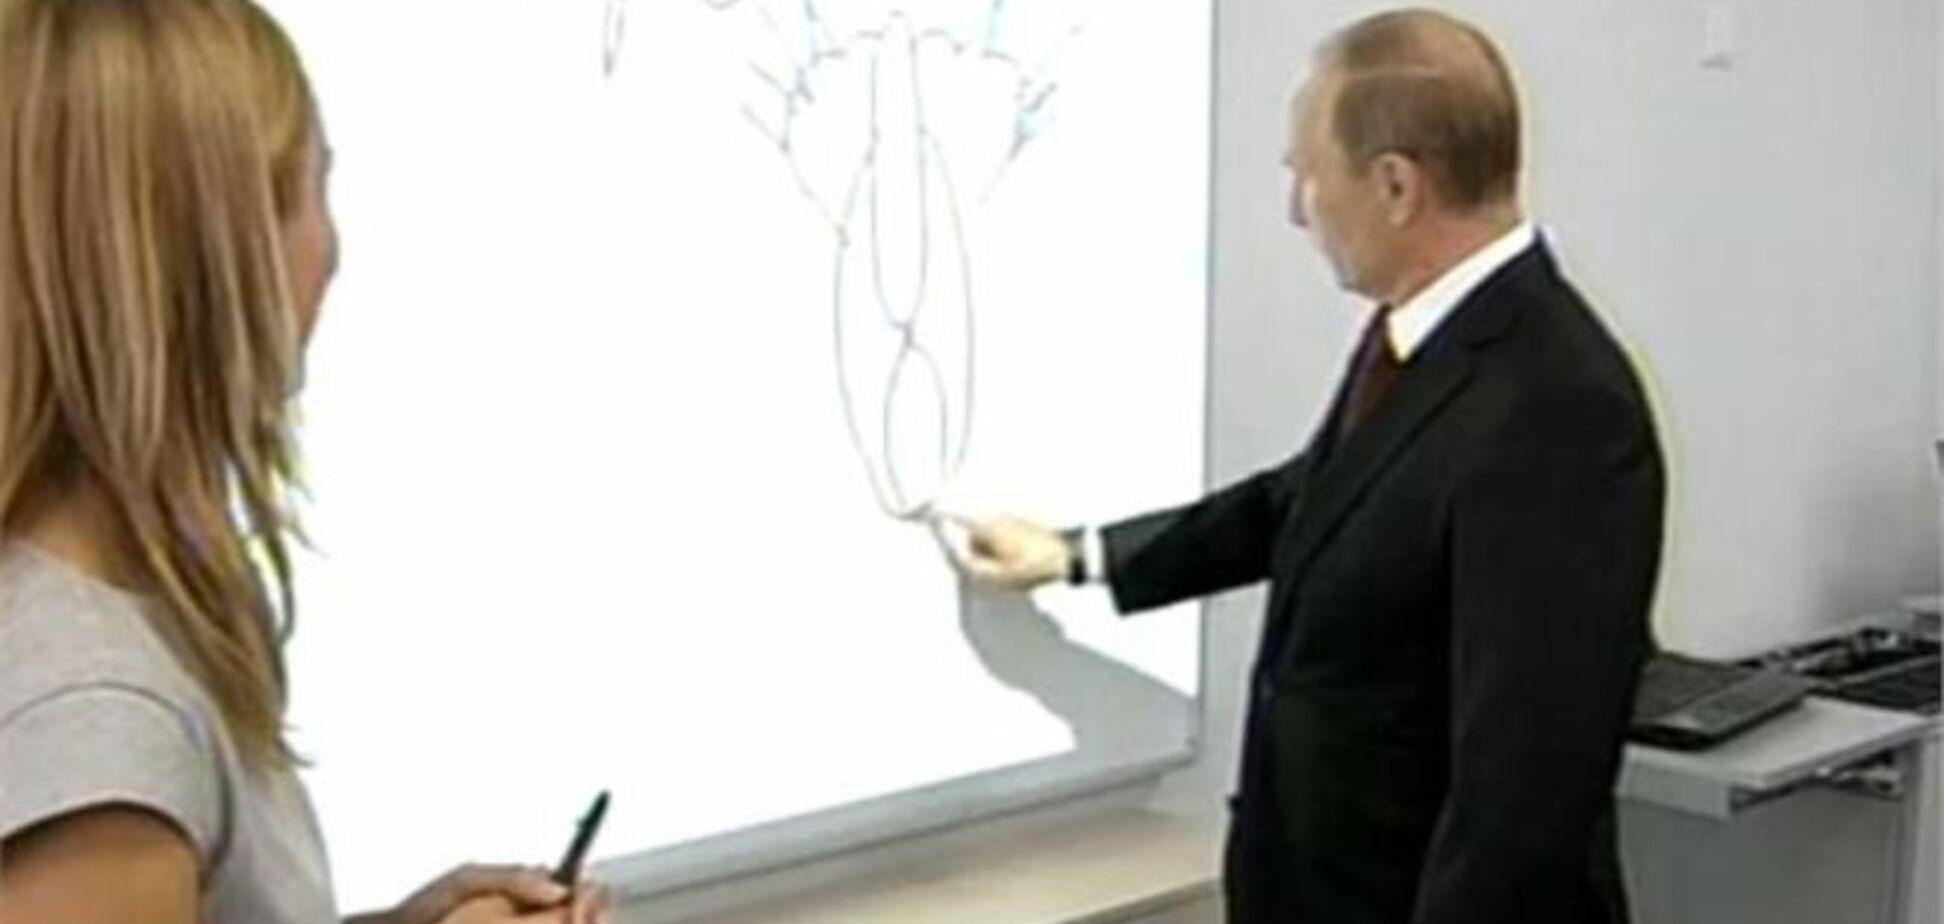 Путин озадачил школьников странным рисунком 'Кошка, вид сзади'